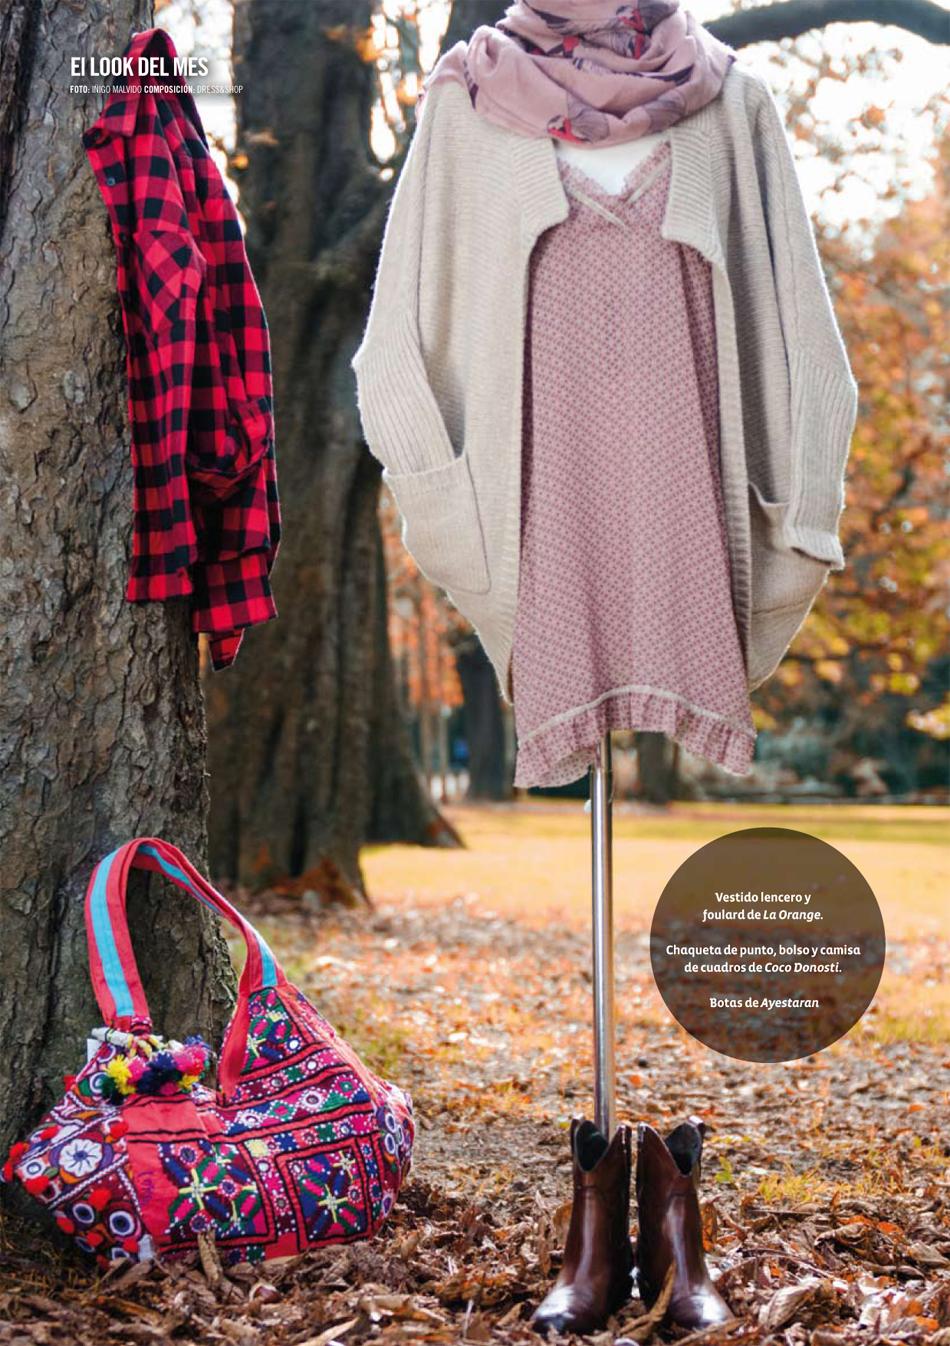 943 Magazine / Look de octubre